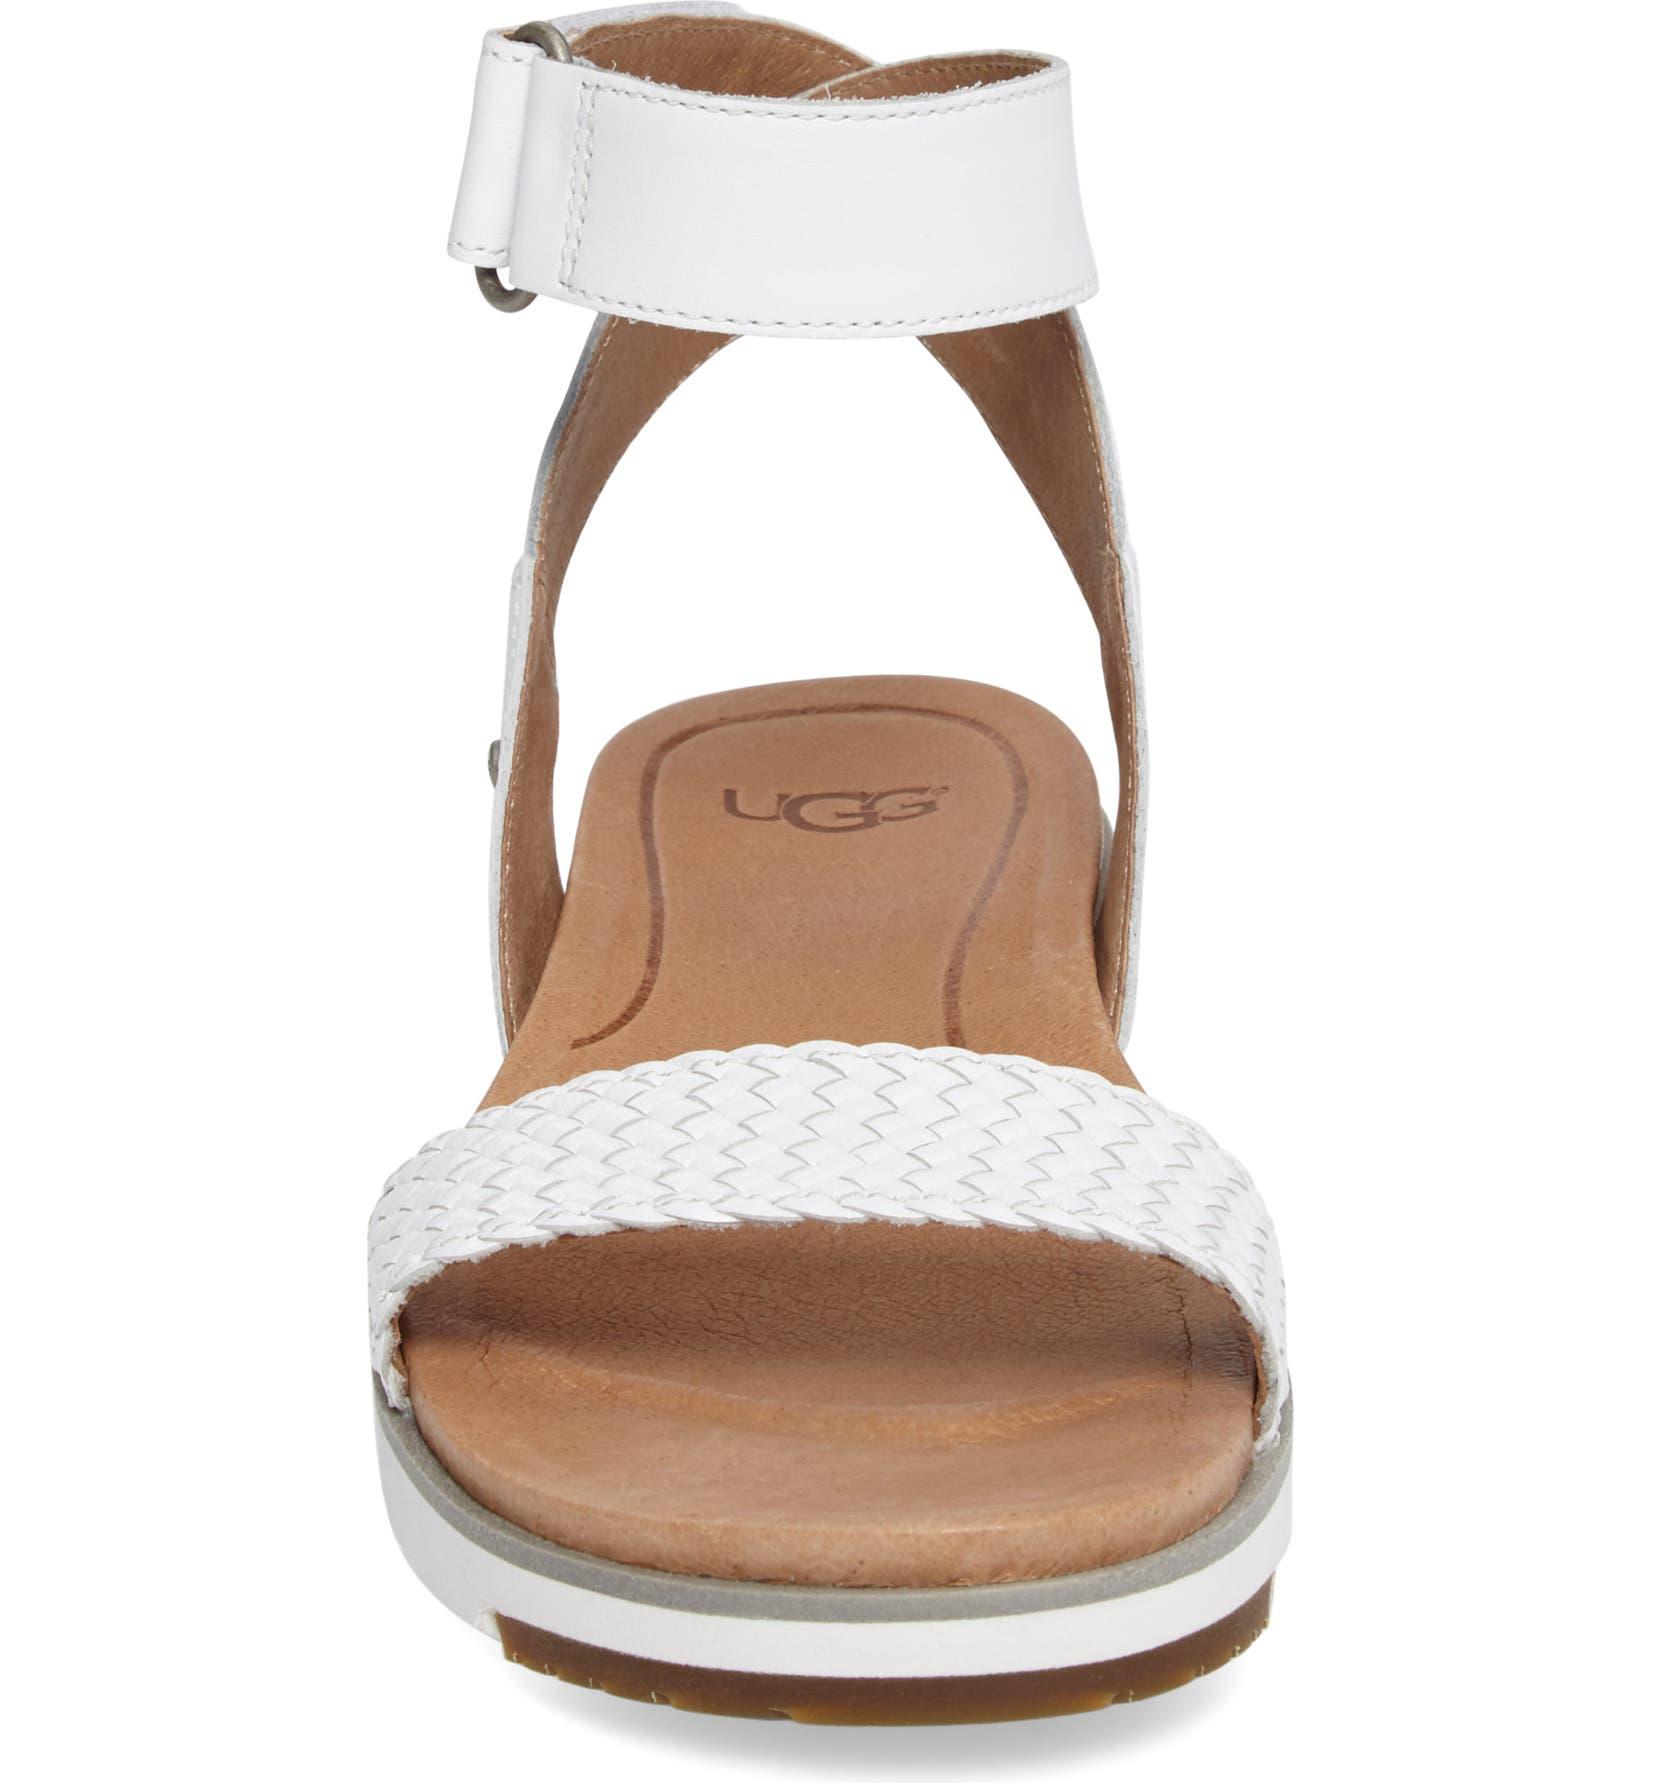 d062dca963d Laddie Woven Sandal